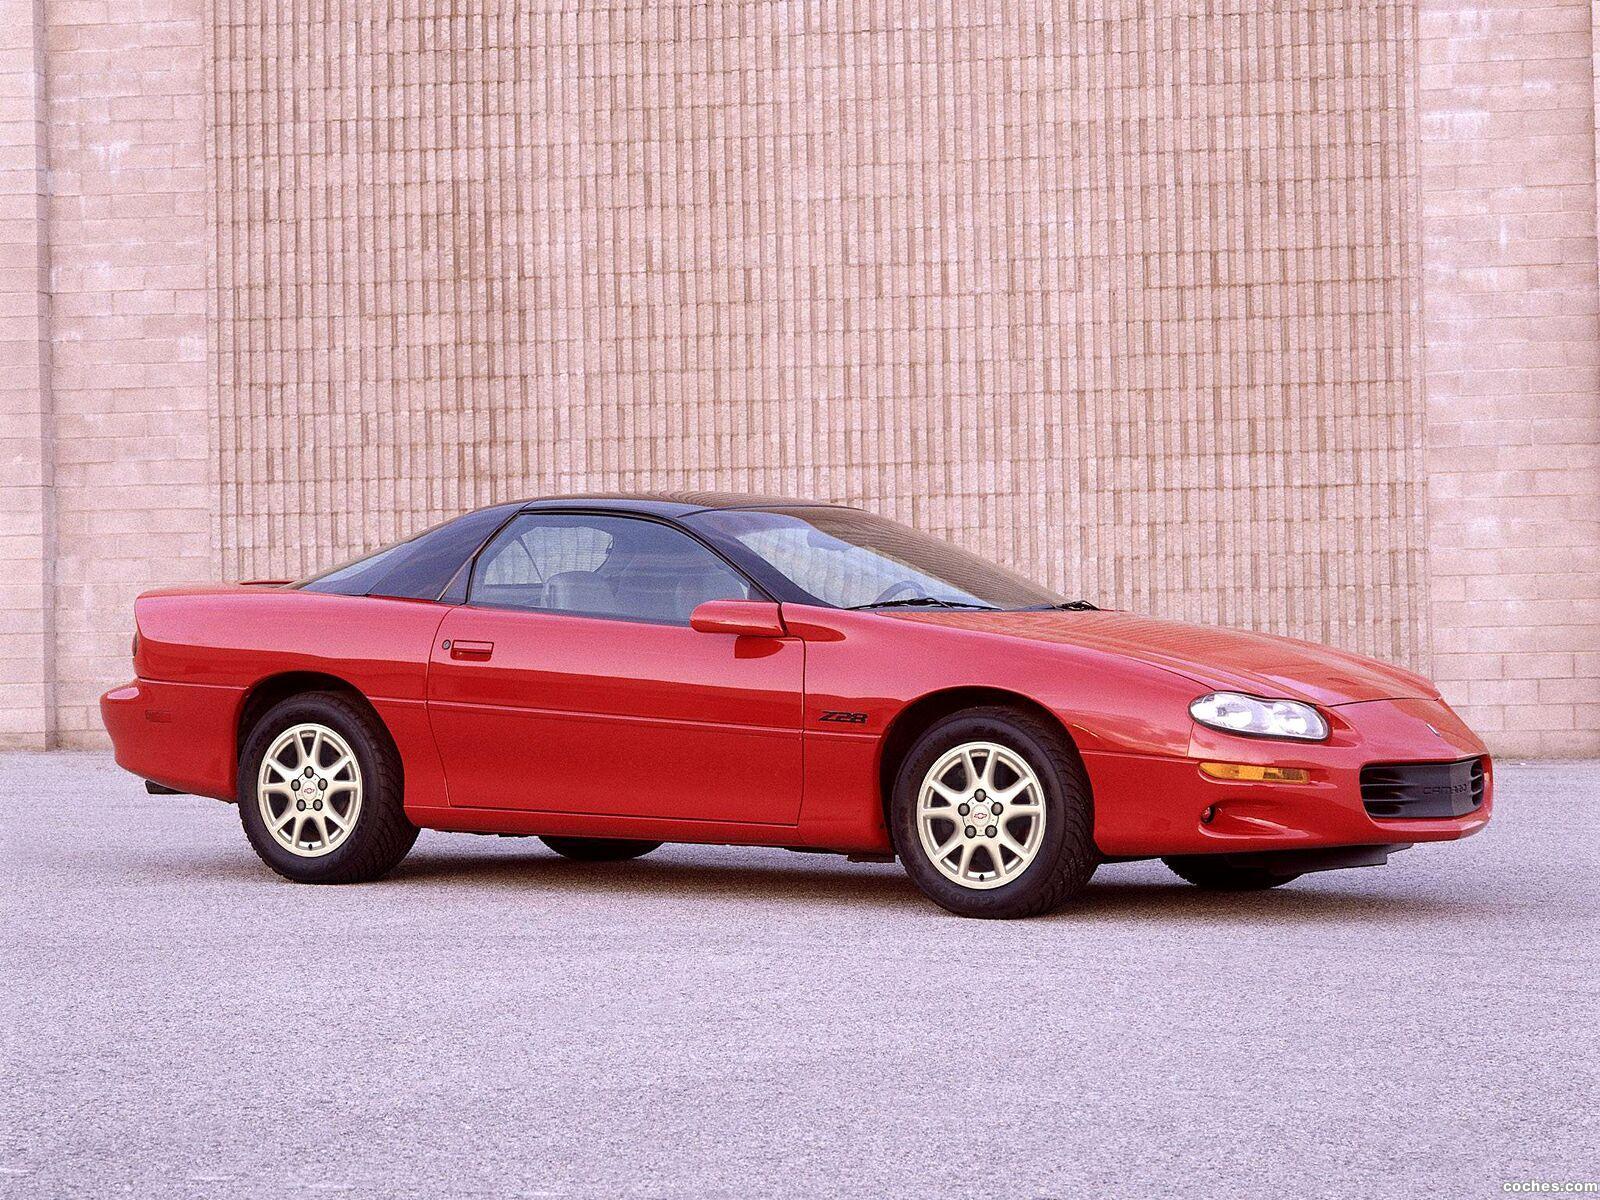 Foto 1 de Chevrolet Camaro Z28 1998